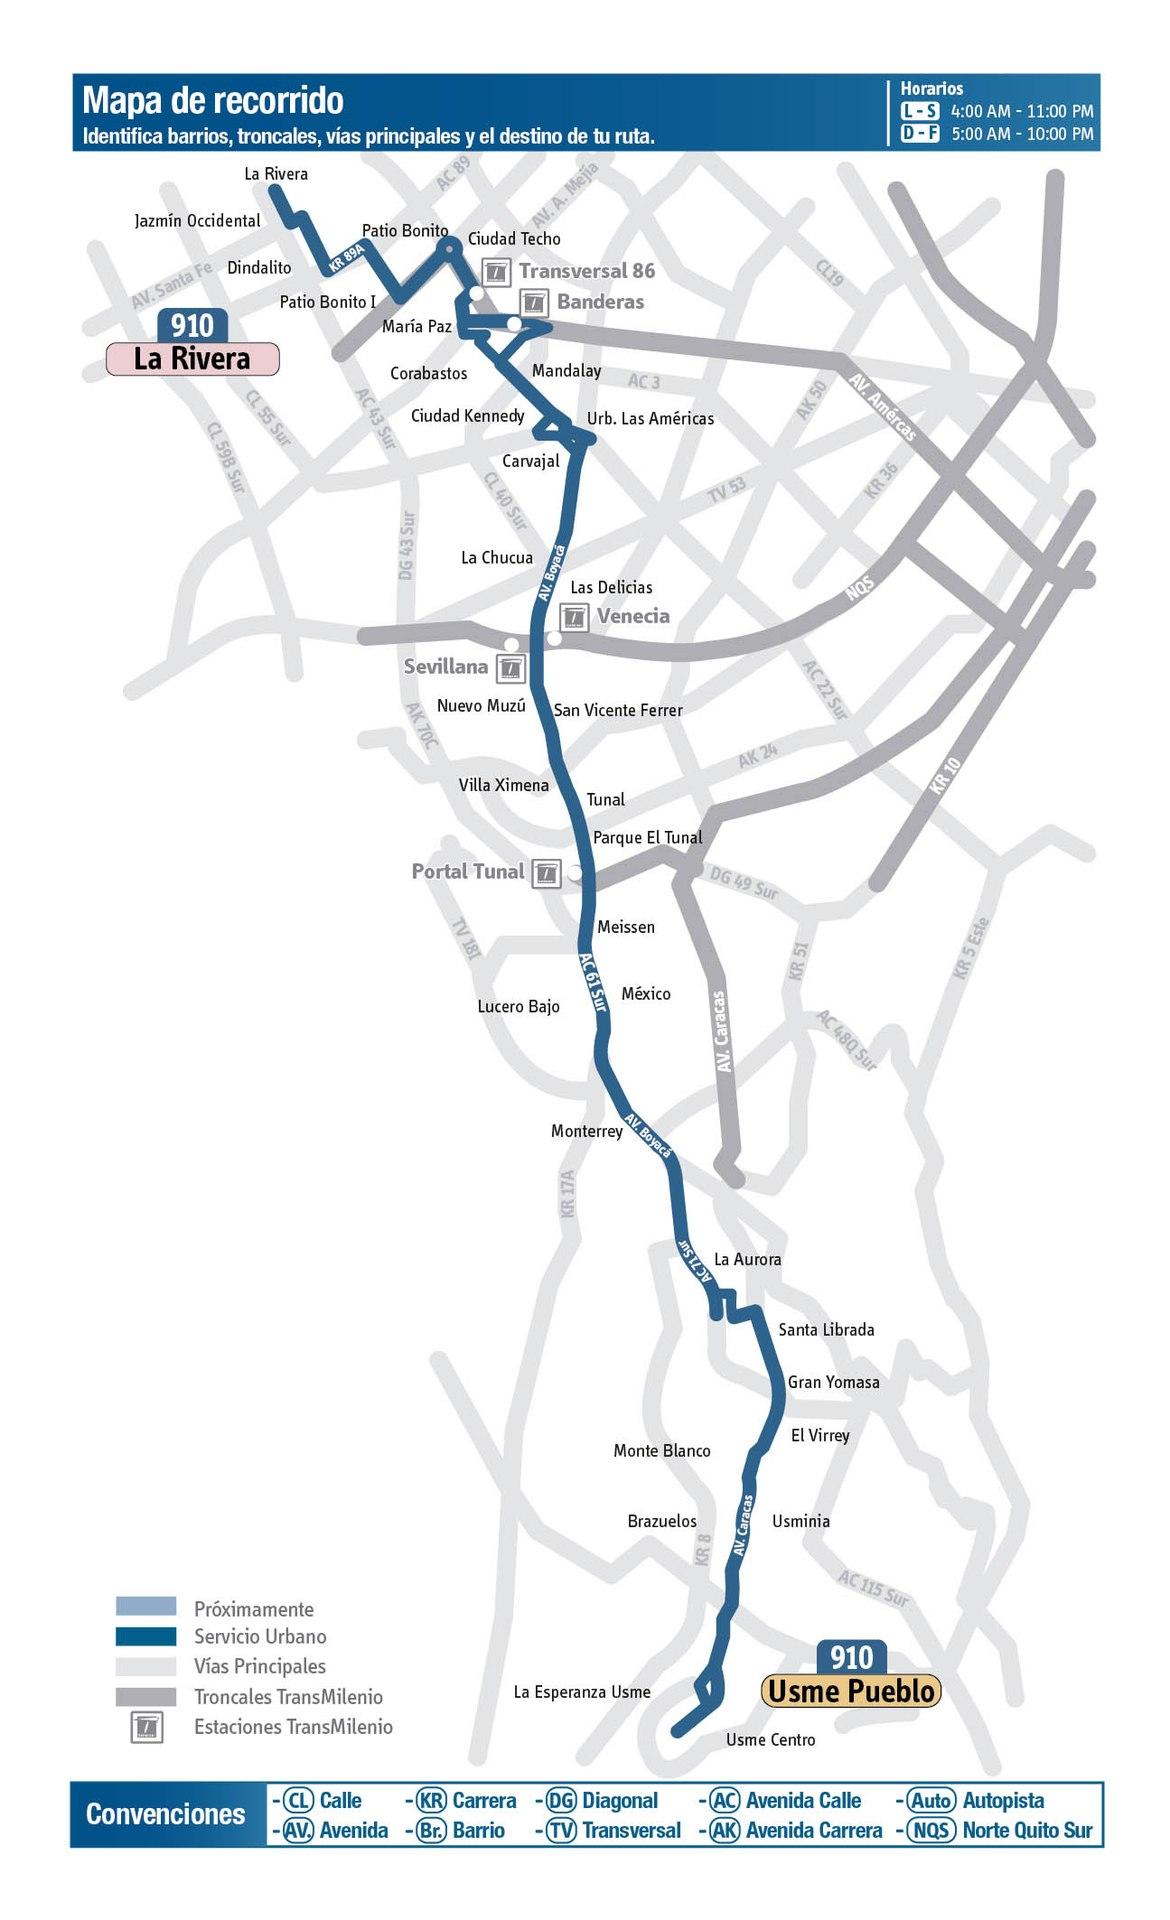 Ruta SITP: 910 Usme Pueblo ↔ La Rivera [Urbana] 2